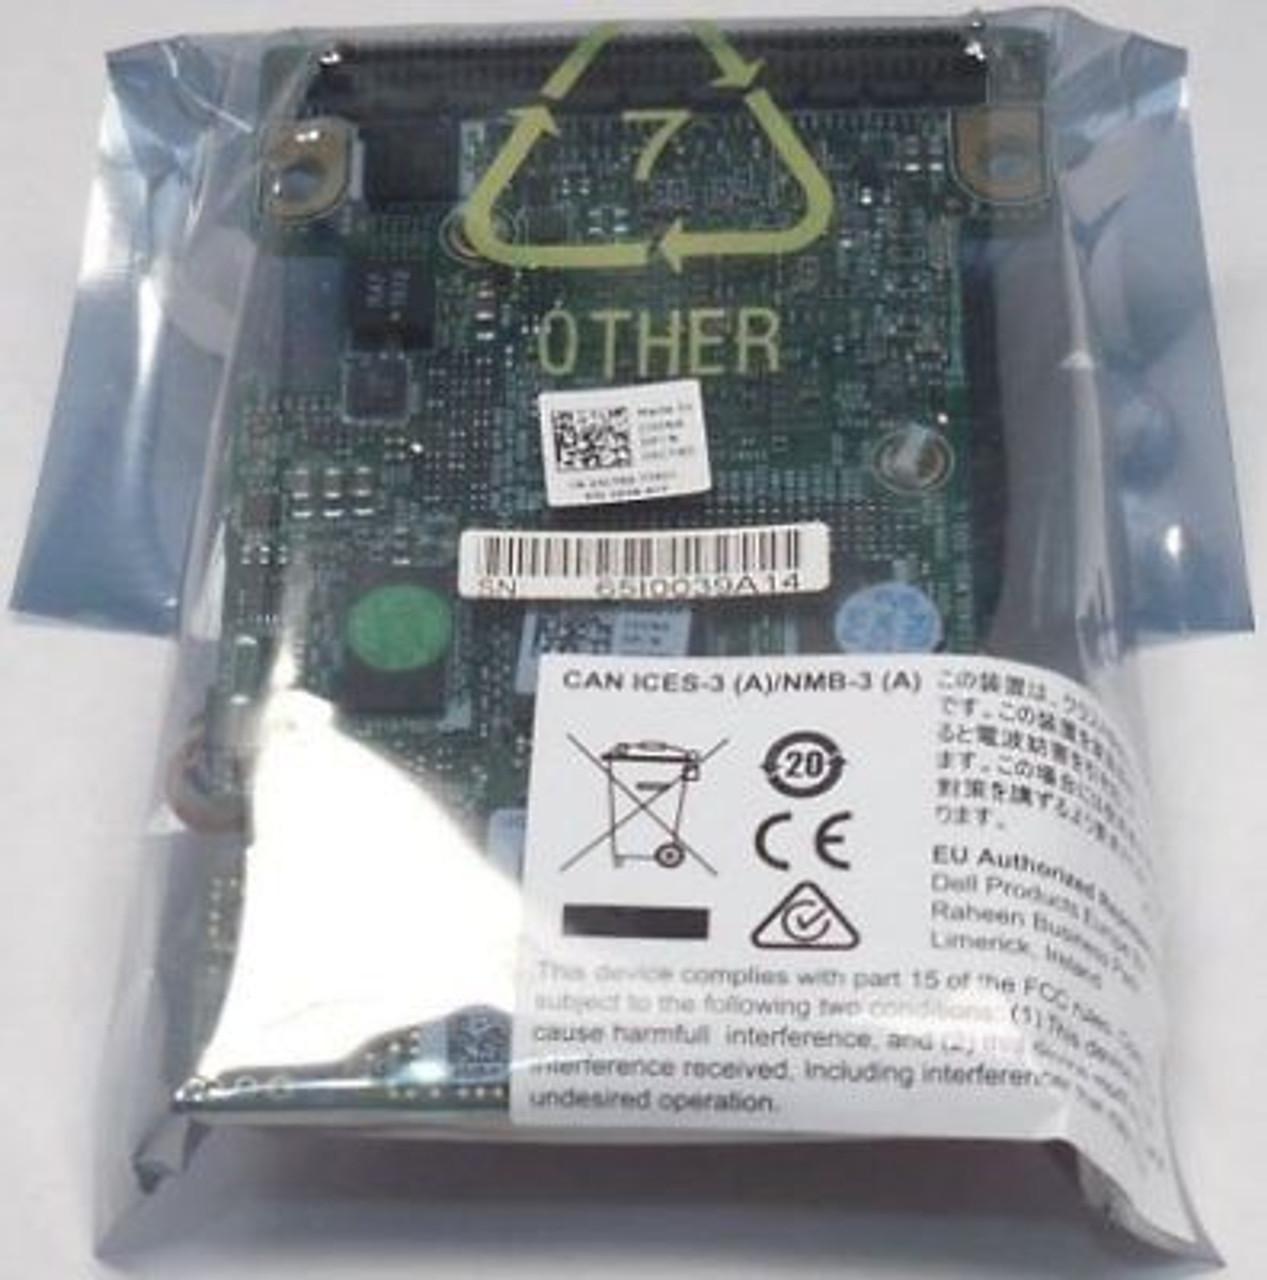 Dell FRH64 PERC H710 MINI MONO 512MB RAID CONTROLLER